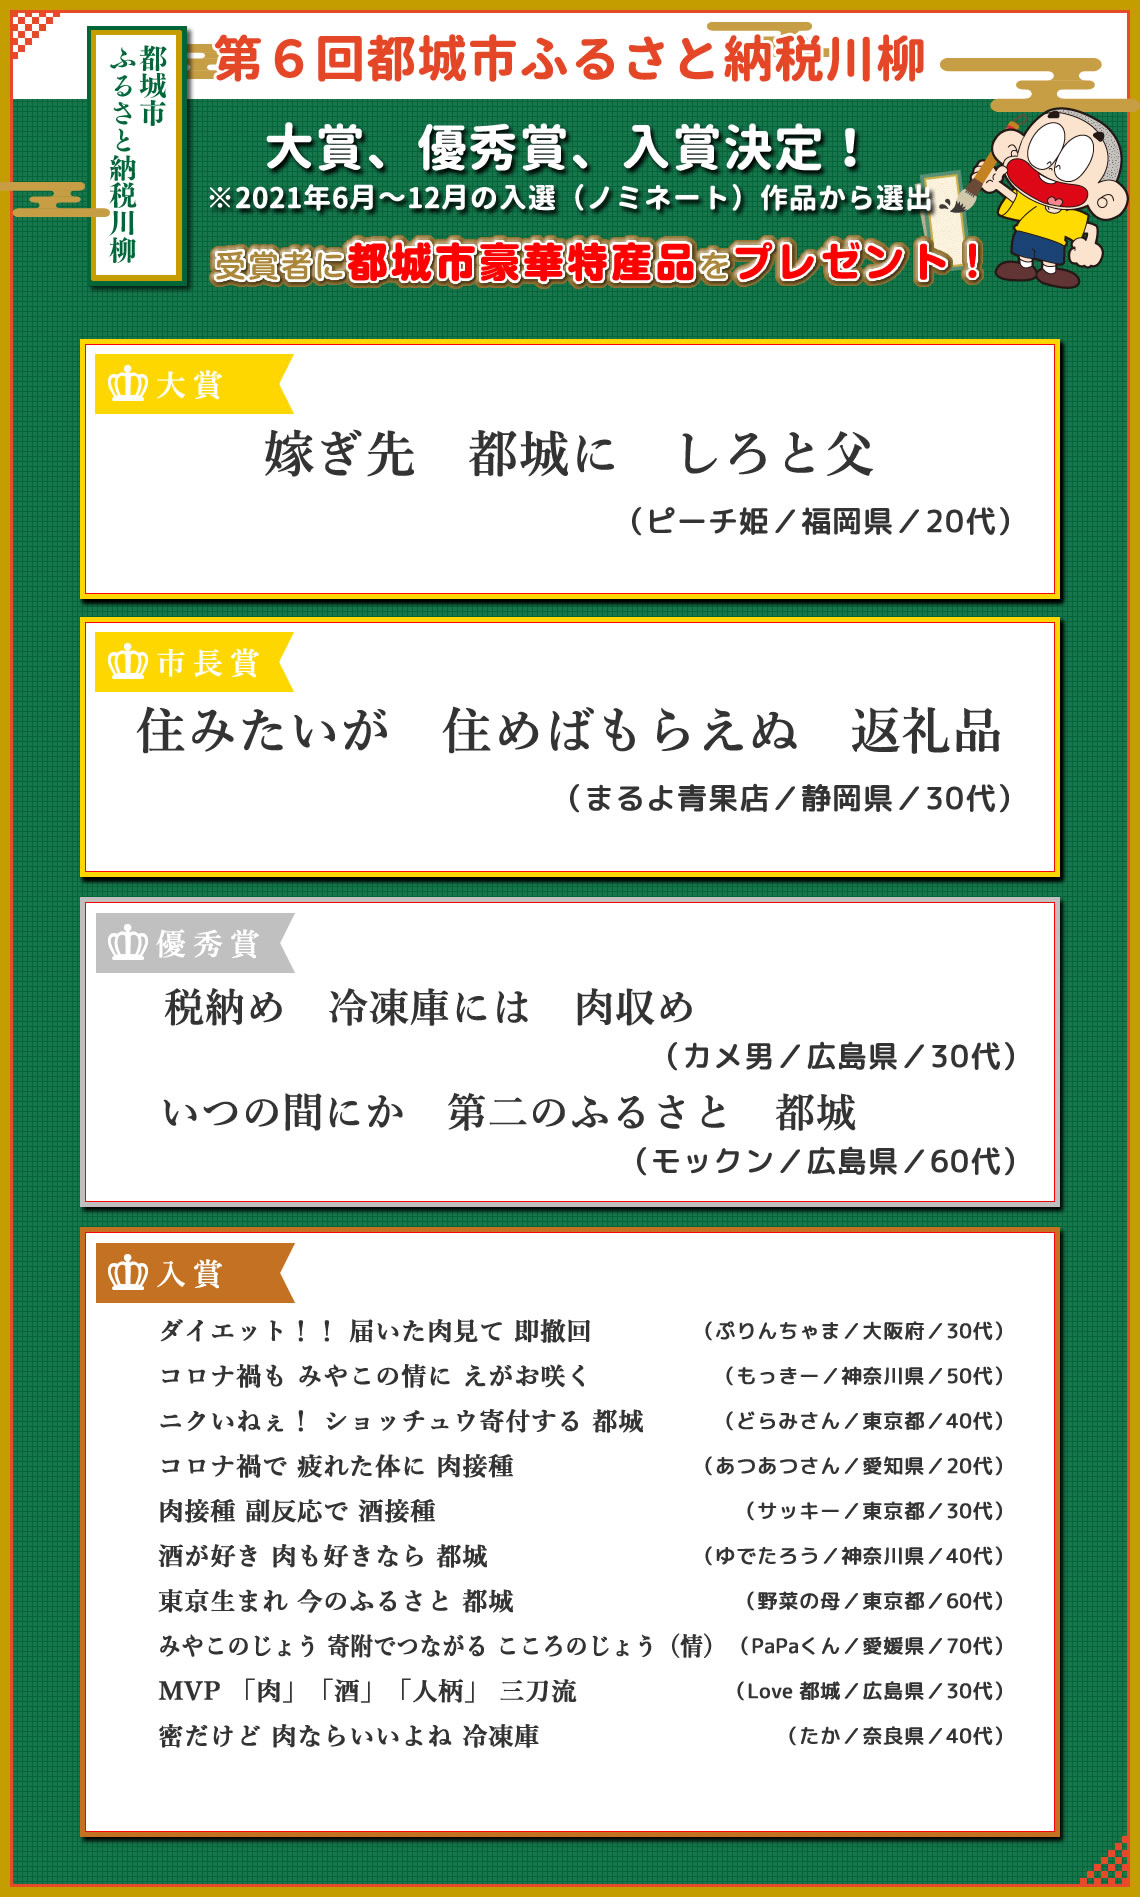 大賞、市長賞、優秀賞、入賞決定!(2019年6月~12月の入選作品から選出)